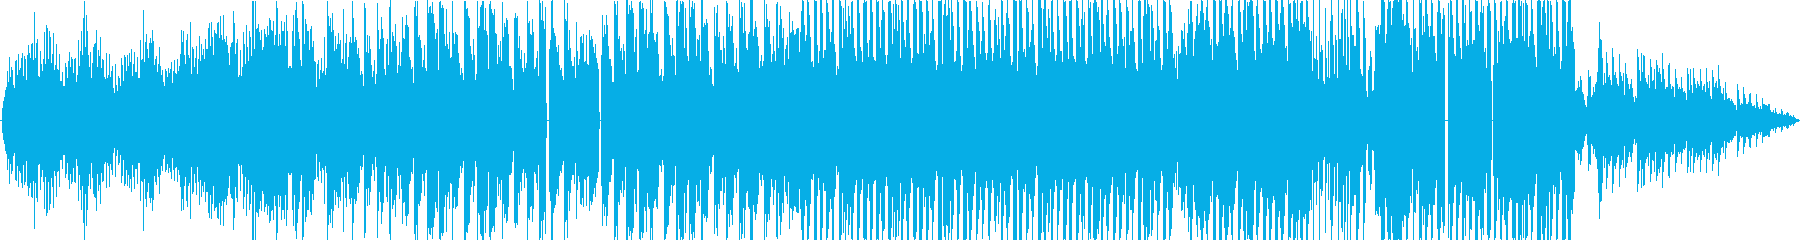 可愛い雰囲気のピアノBGMの再生済みの波形